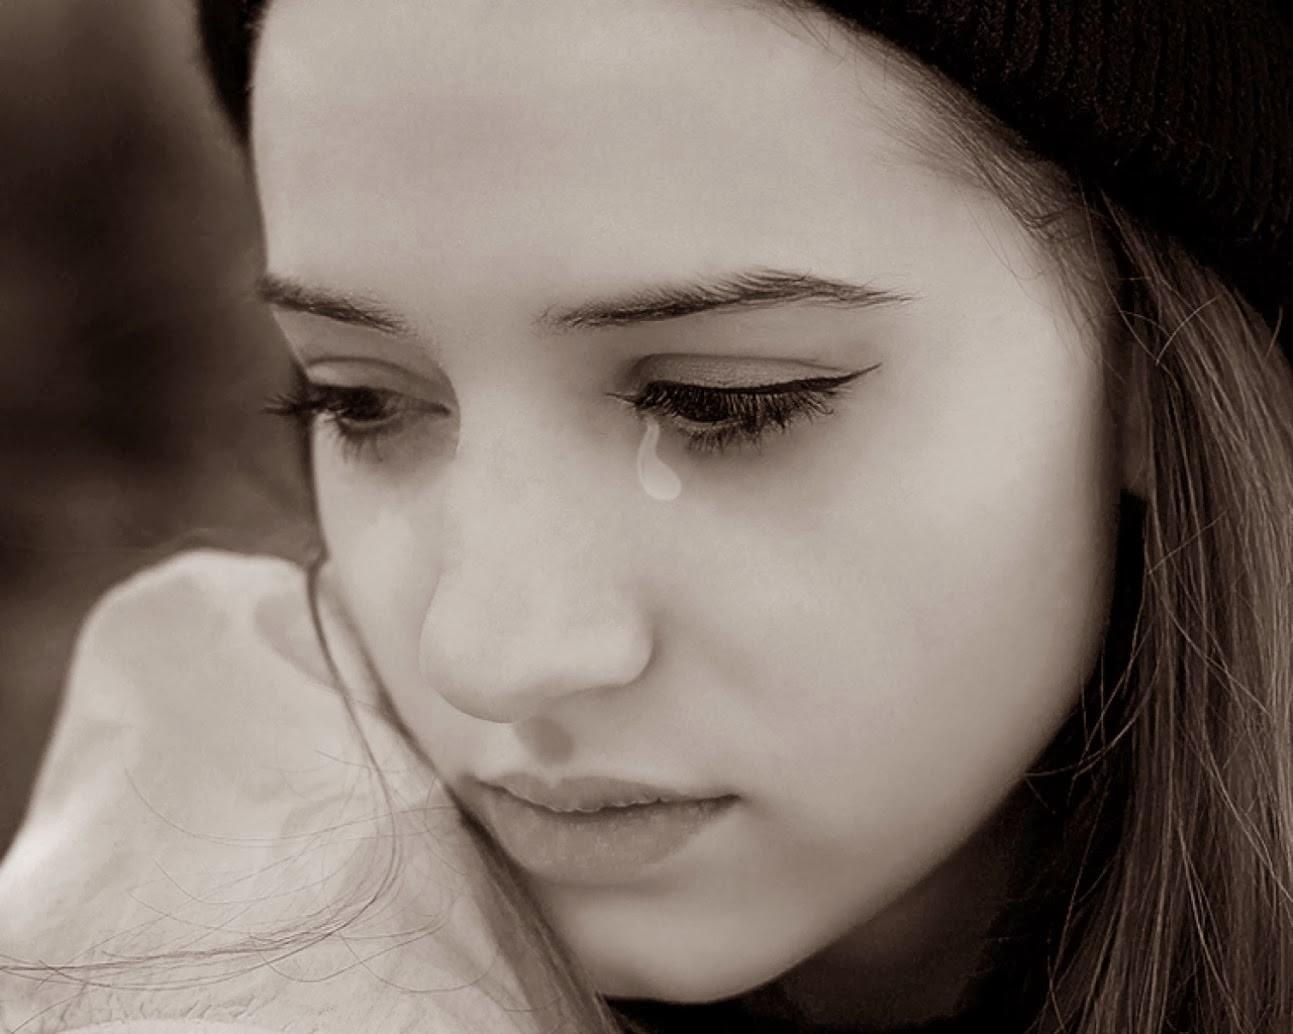 صور صور حزينه بنات , صور بنات حزينة وتبكى بالدموع